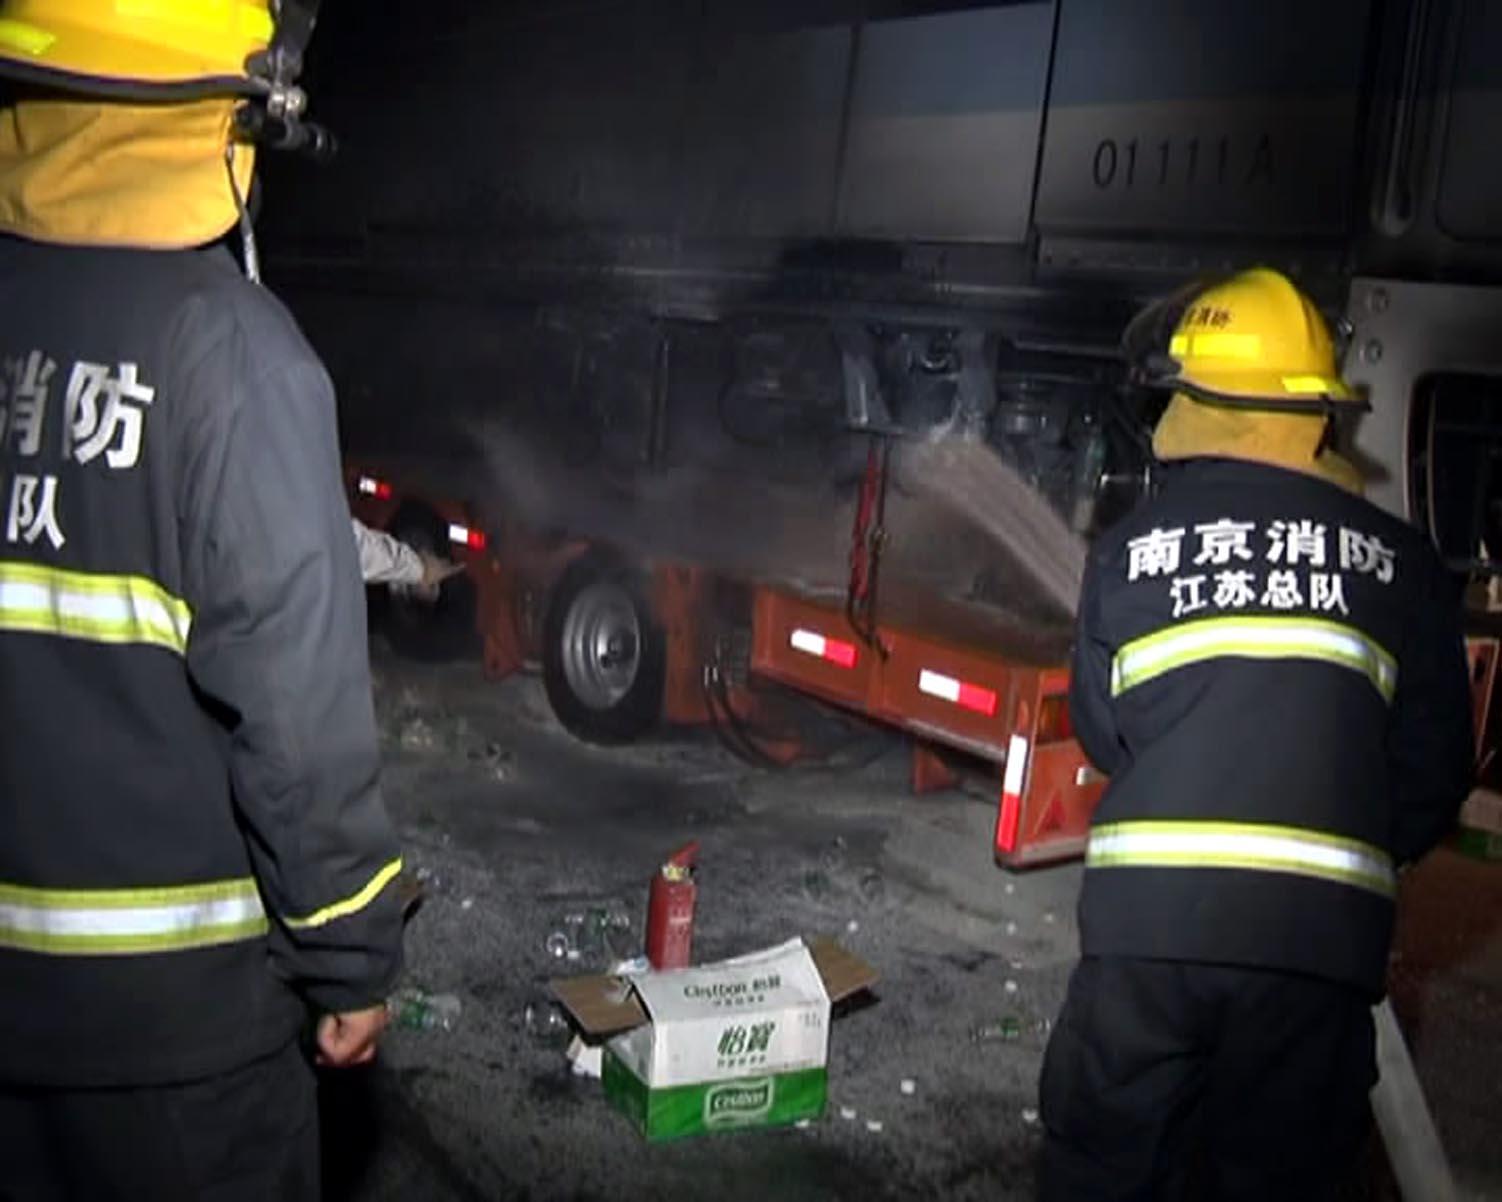 地铁车头被烧毁图片